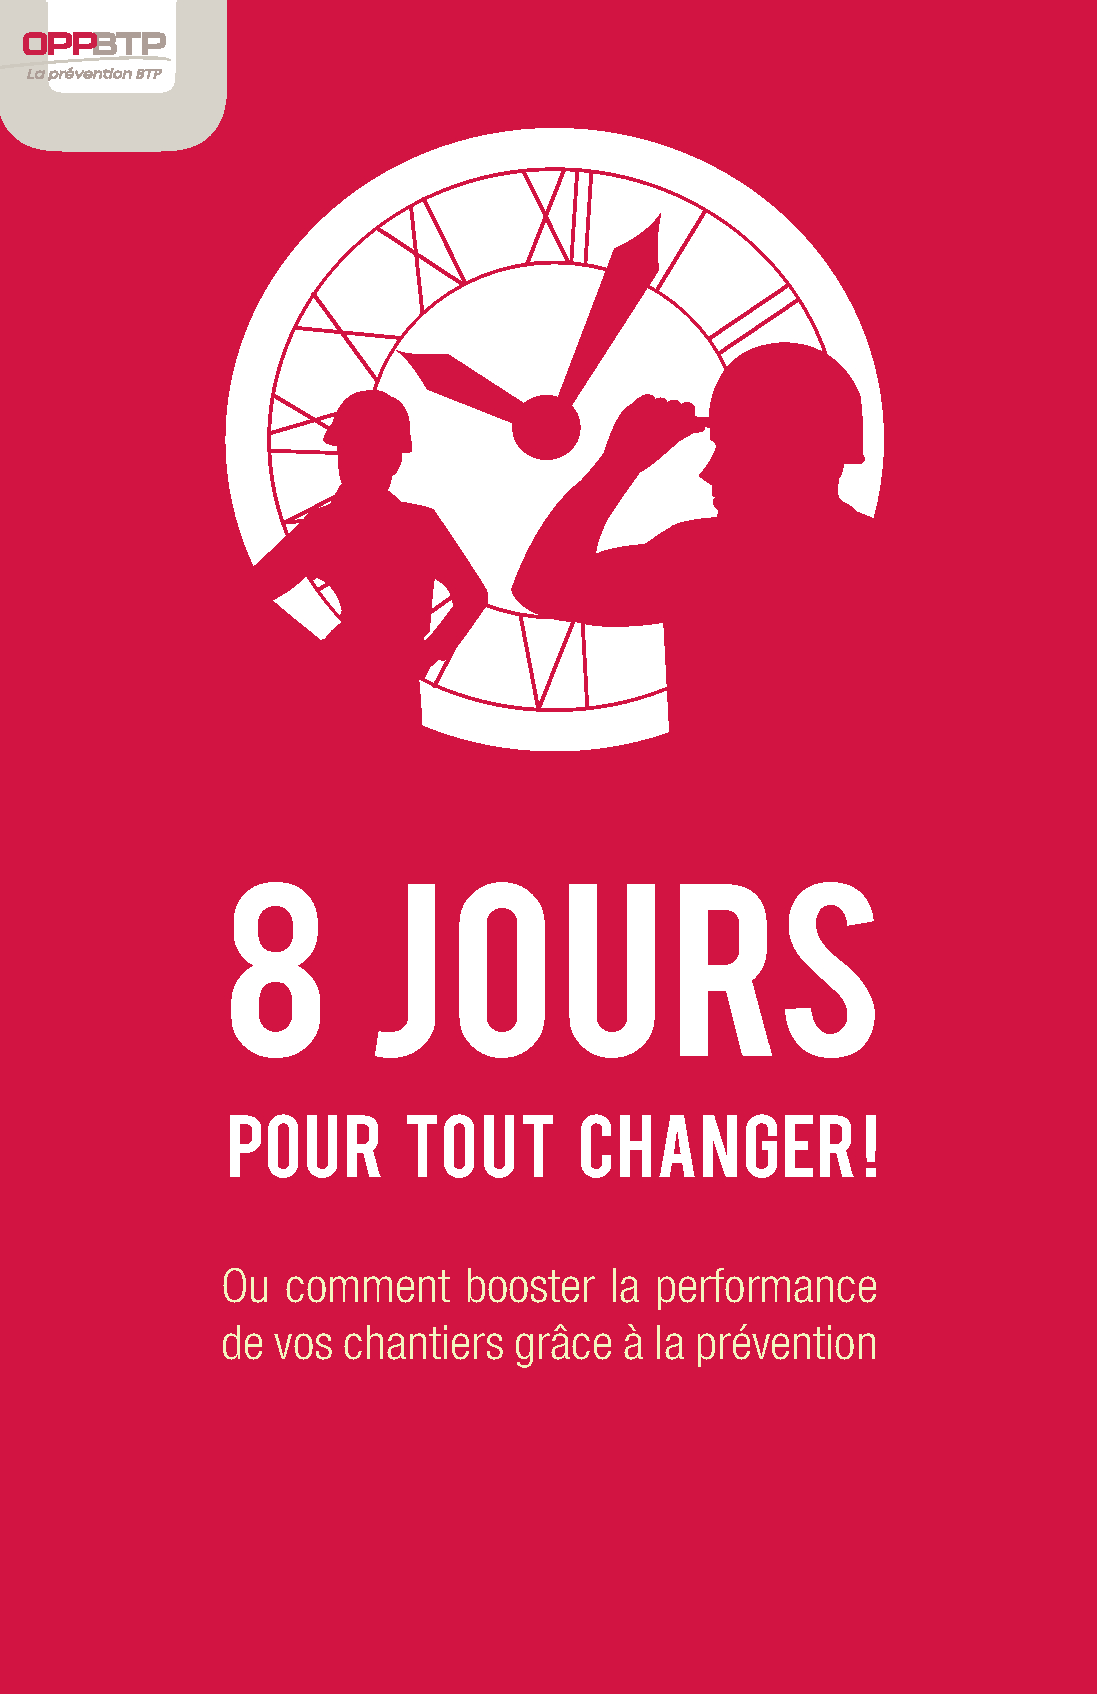 8 jours pour tout changer pr vention btp ForDeco 8 Jours Pour Tout Changer